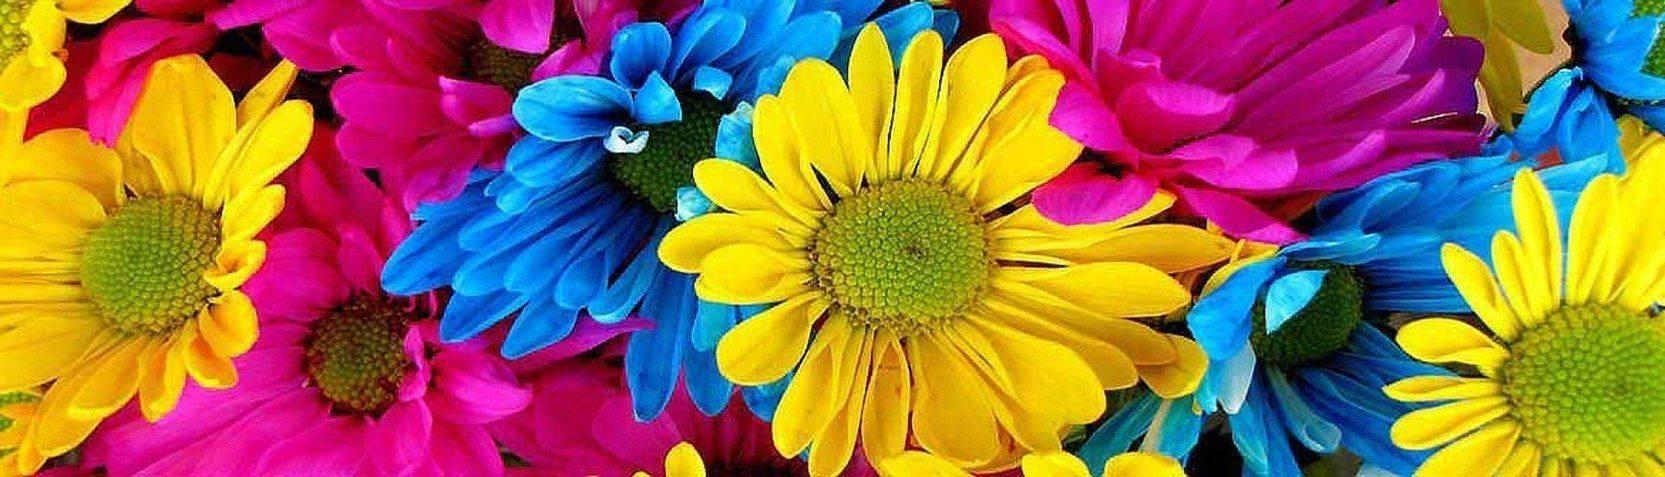 Fotografia - Fiori & piante